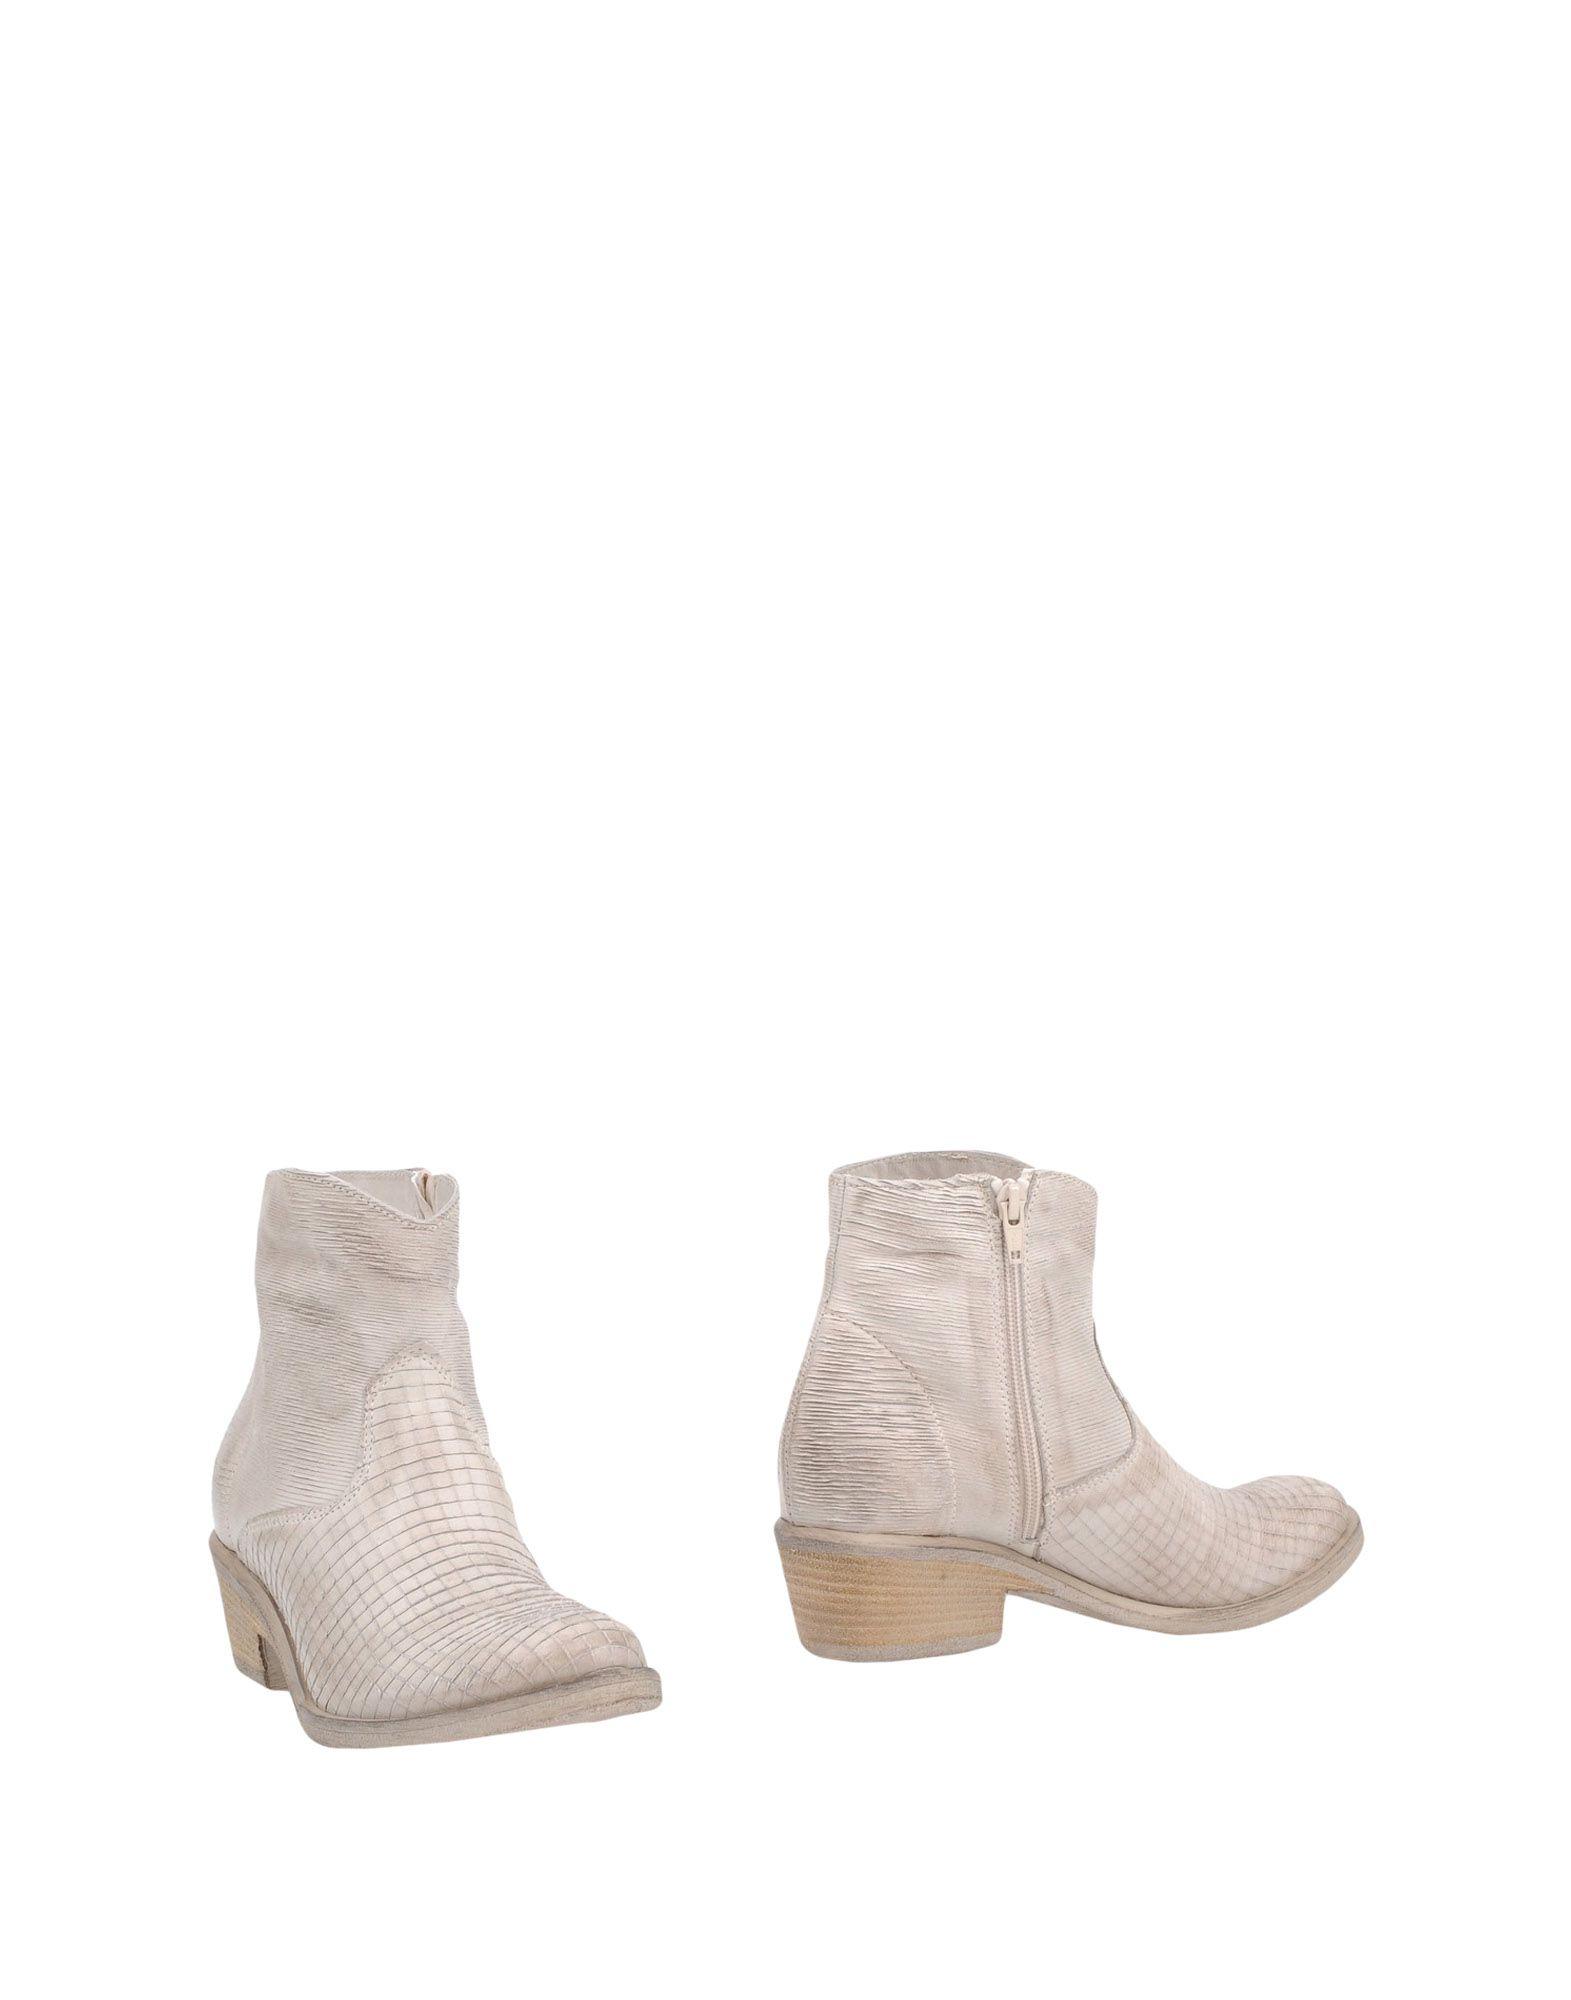 Divine Follie Stiefelette Damen  11332401AJ Gute Qualität beliebte Schuhe